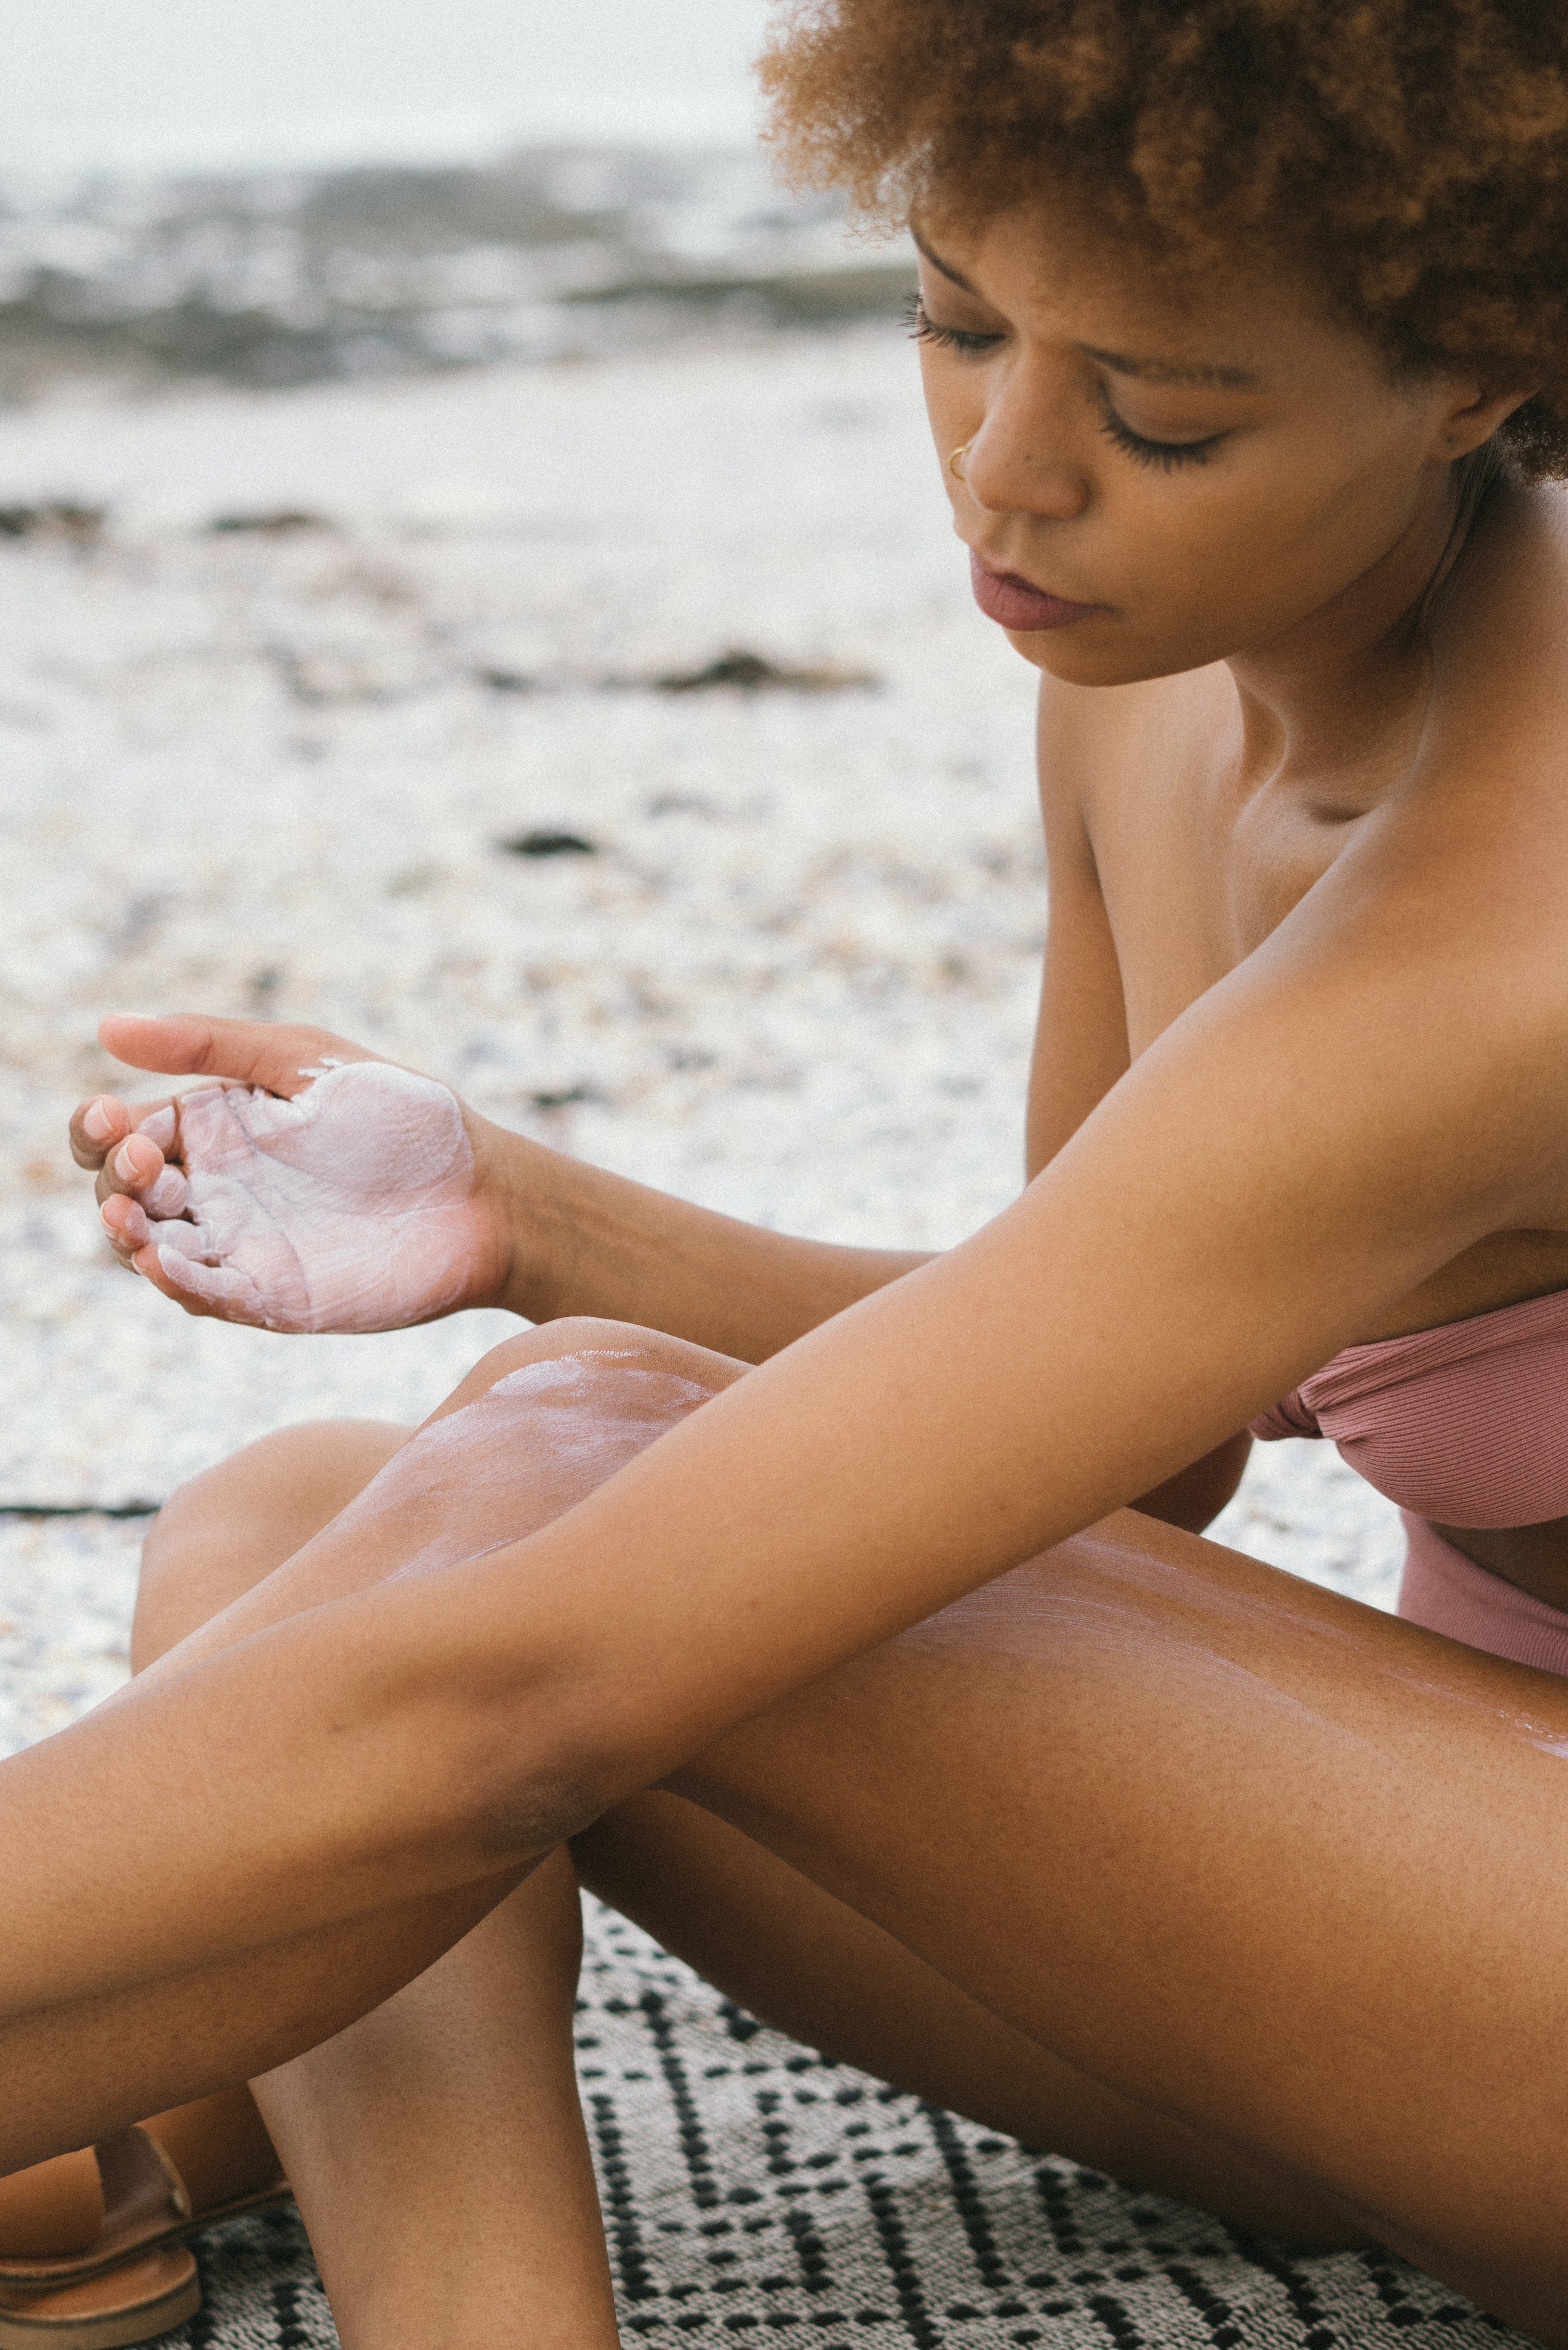 Aplicar 20 minutos antes da exposição ao sol, na pele seca. (Foto: Pexels)